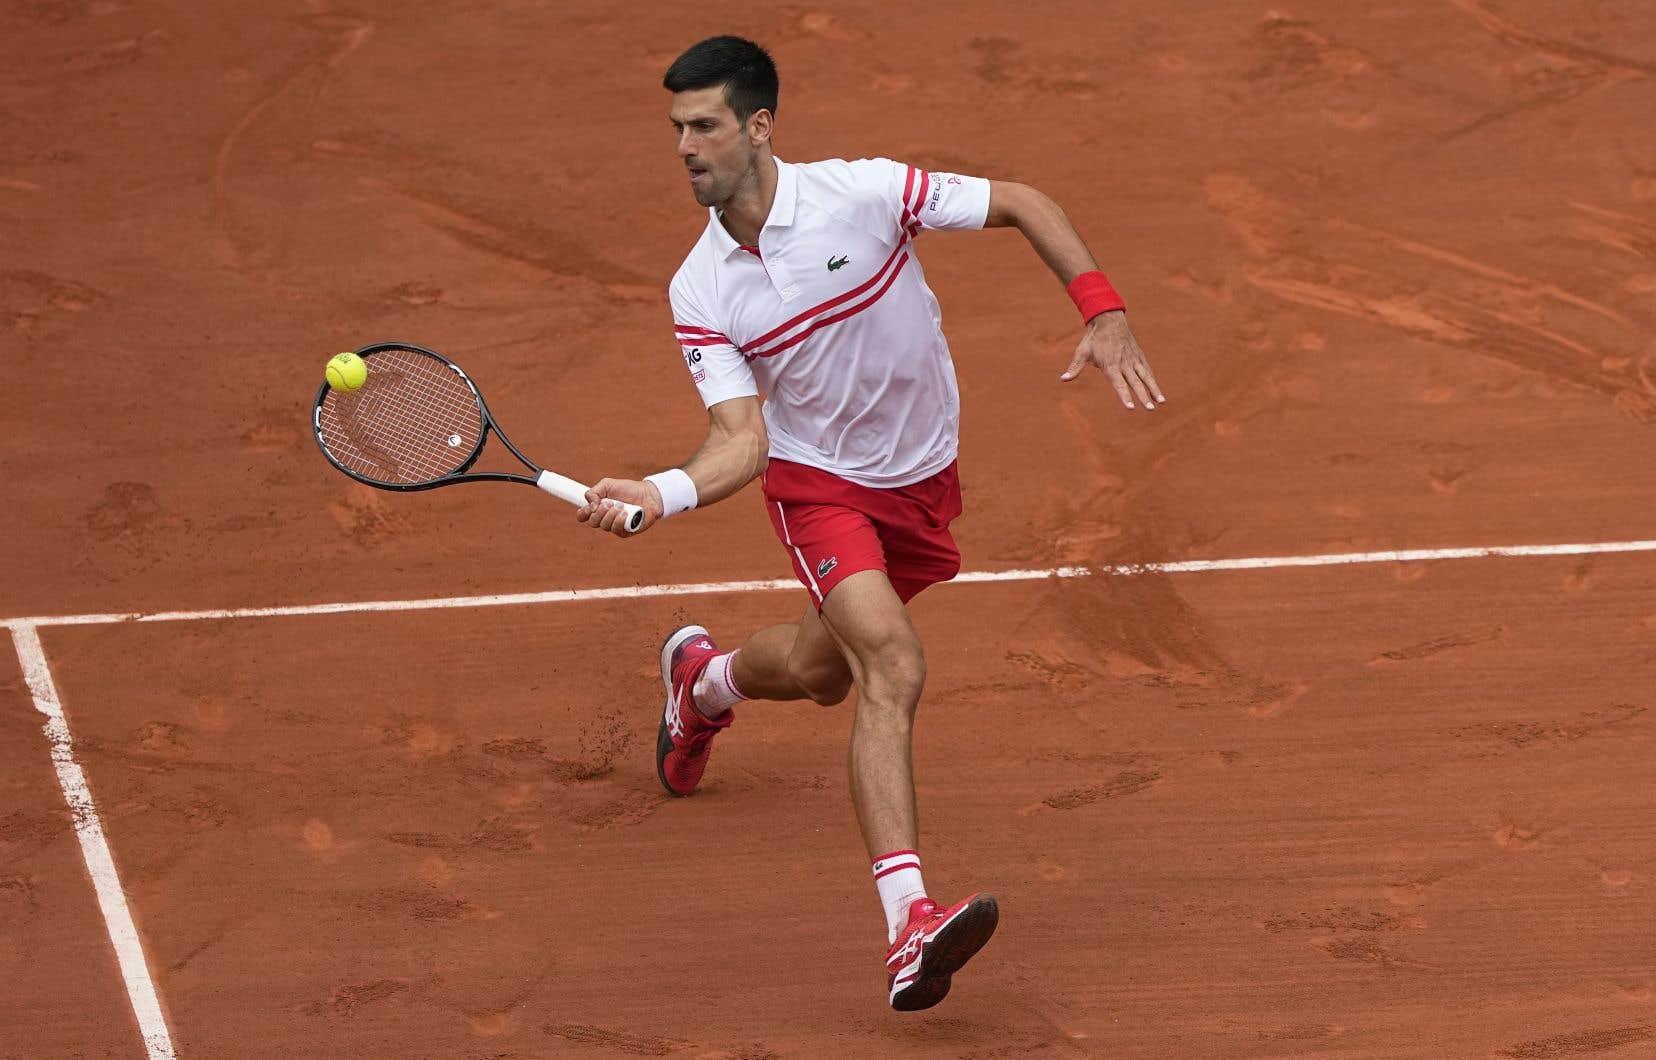 Djokovic, âgé de 34ans, a gagné ses neuf balles de bris et il a eu l'avantage 53-30 dans la colonne des coups gagnants.